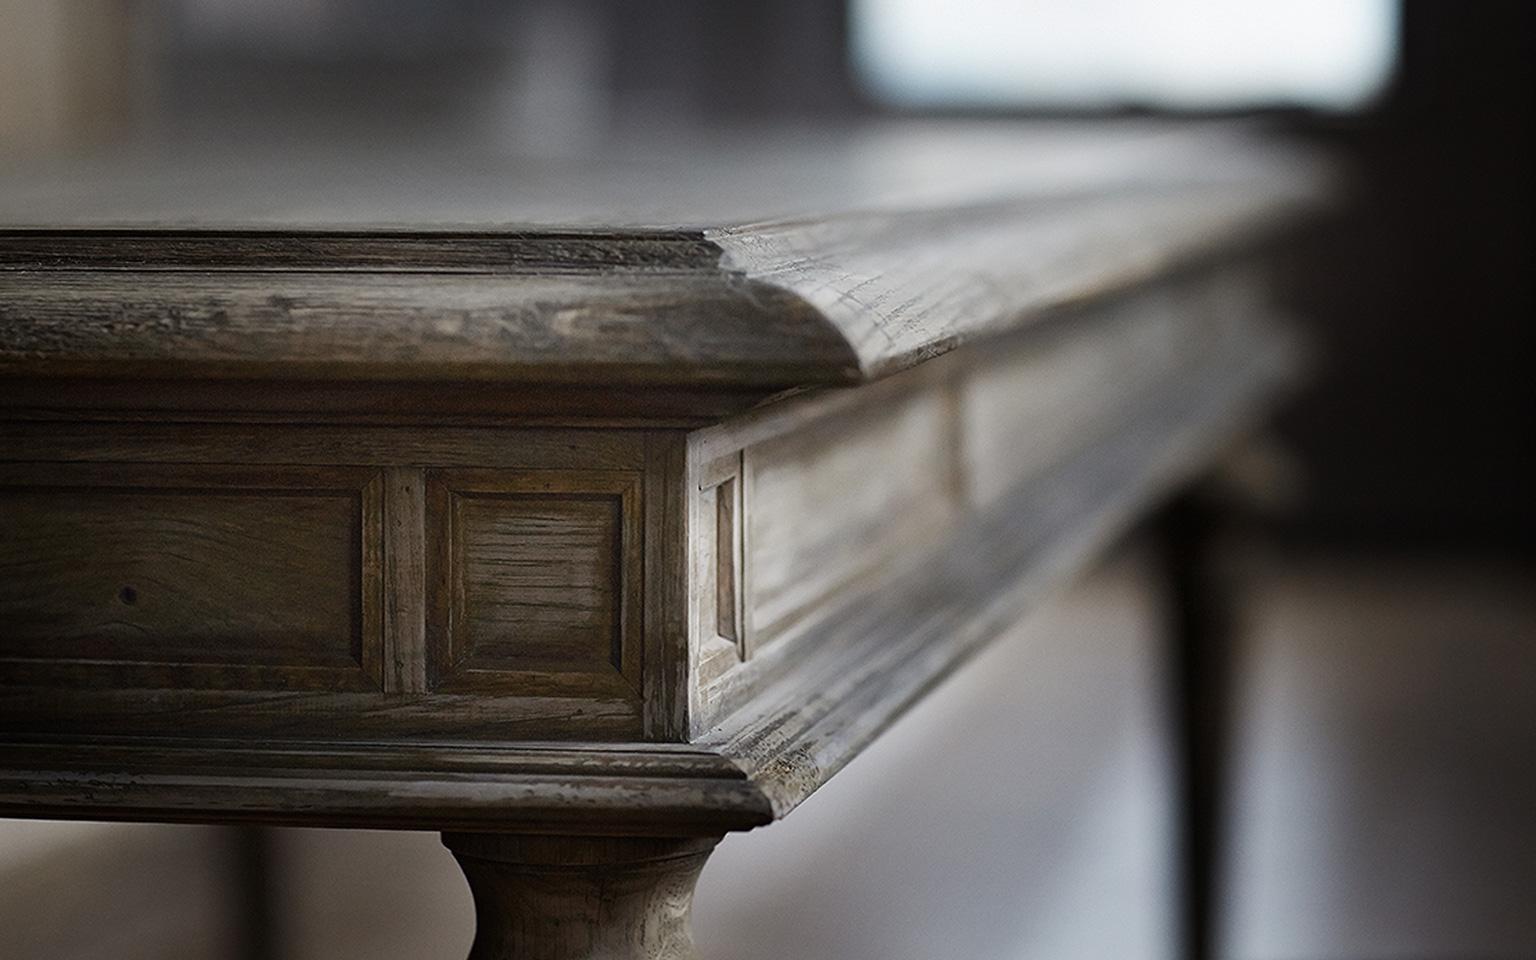 無垢材に限らず、あらゆる素材から家具製作を。 家具のプロ集団が作る完全オーダーメイドの家具